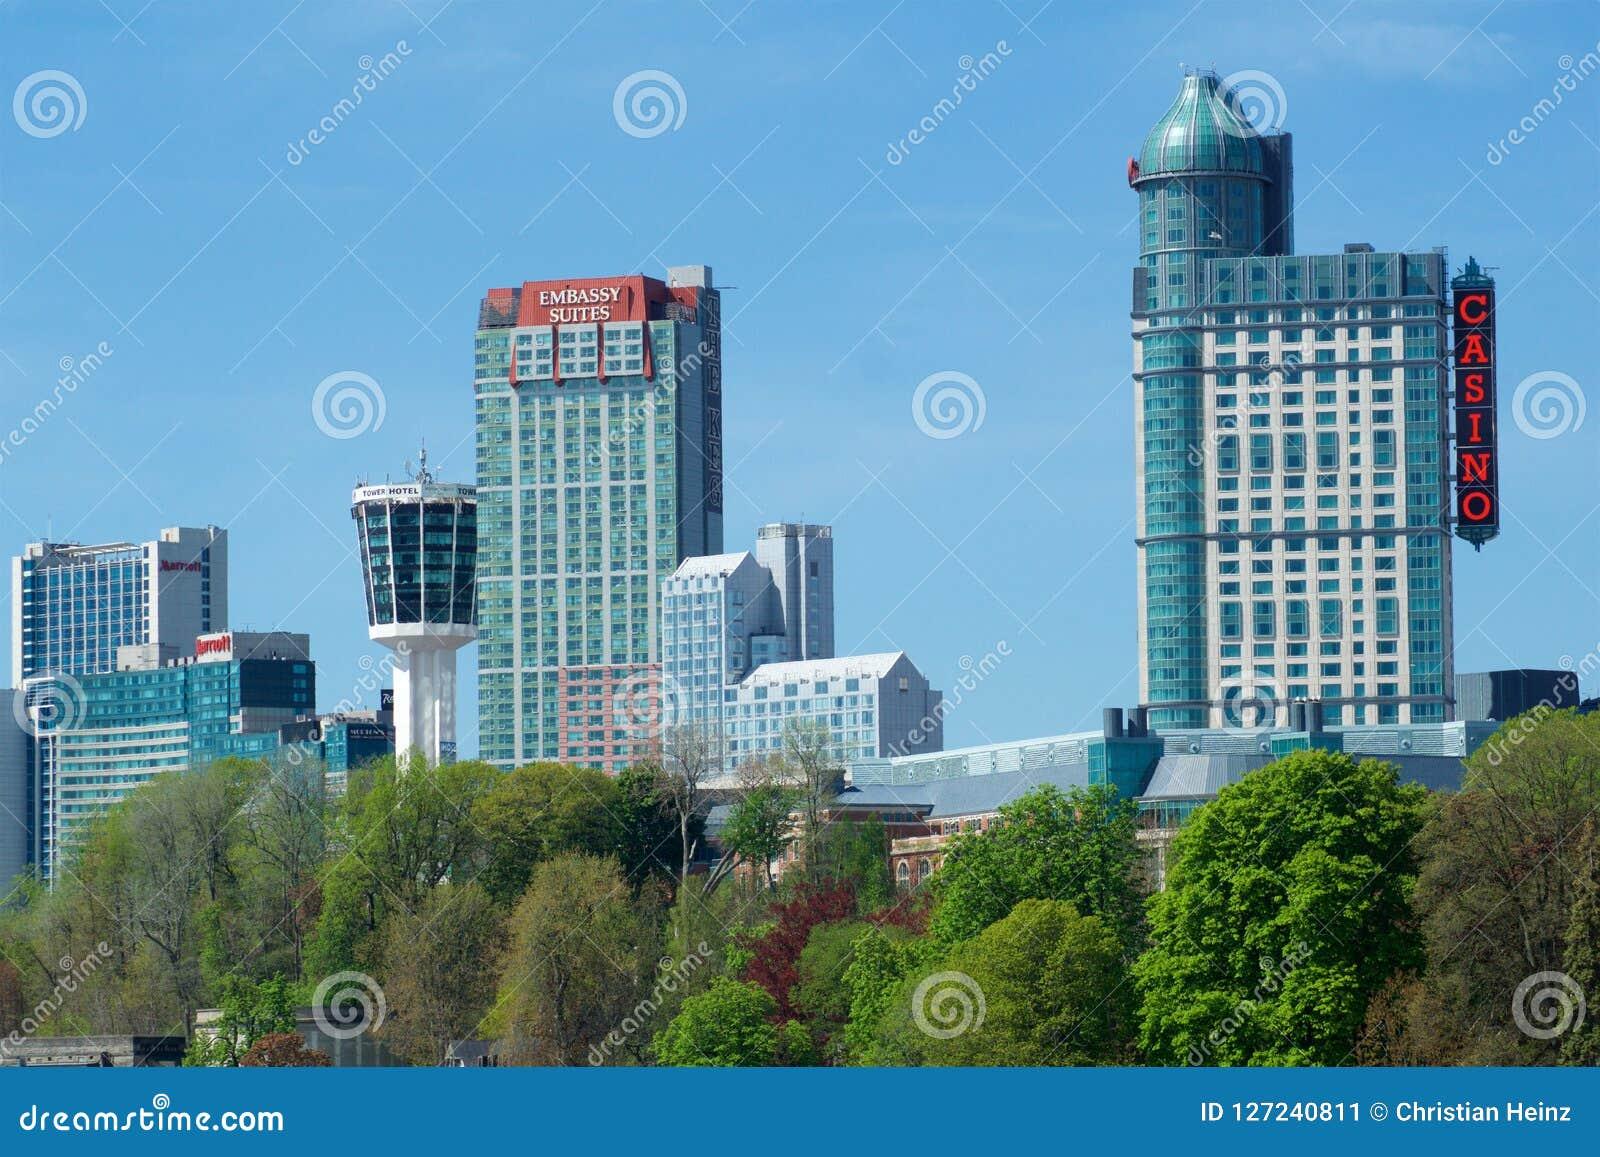 Niagara Falls Ontario Canada May 21st 2018 Exterior View Of The